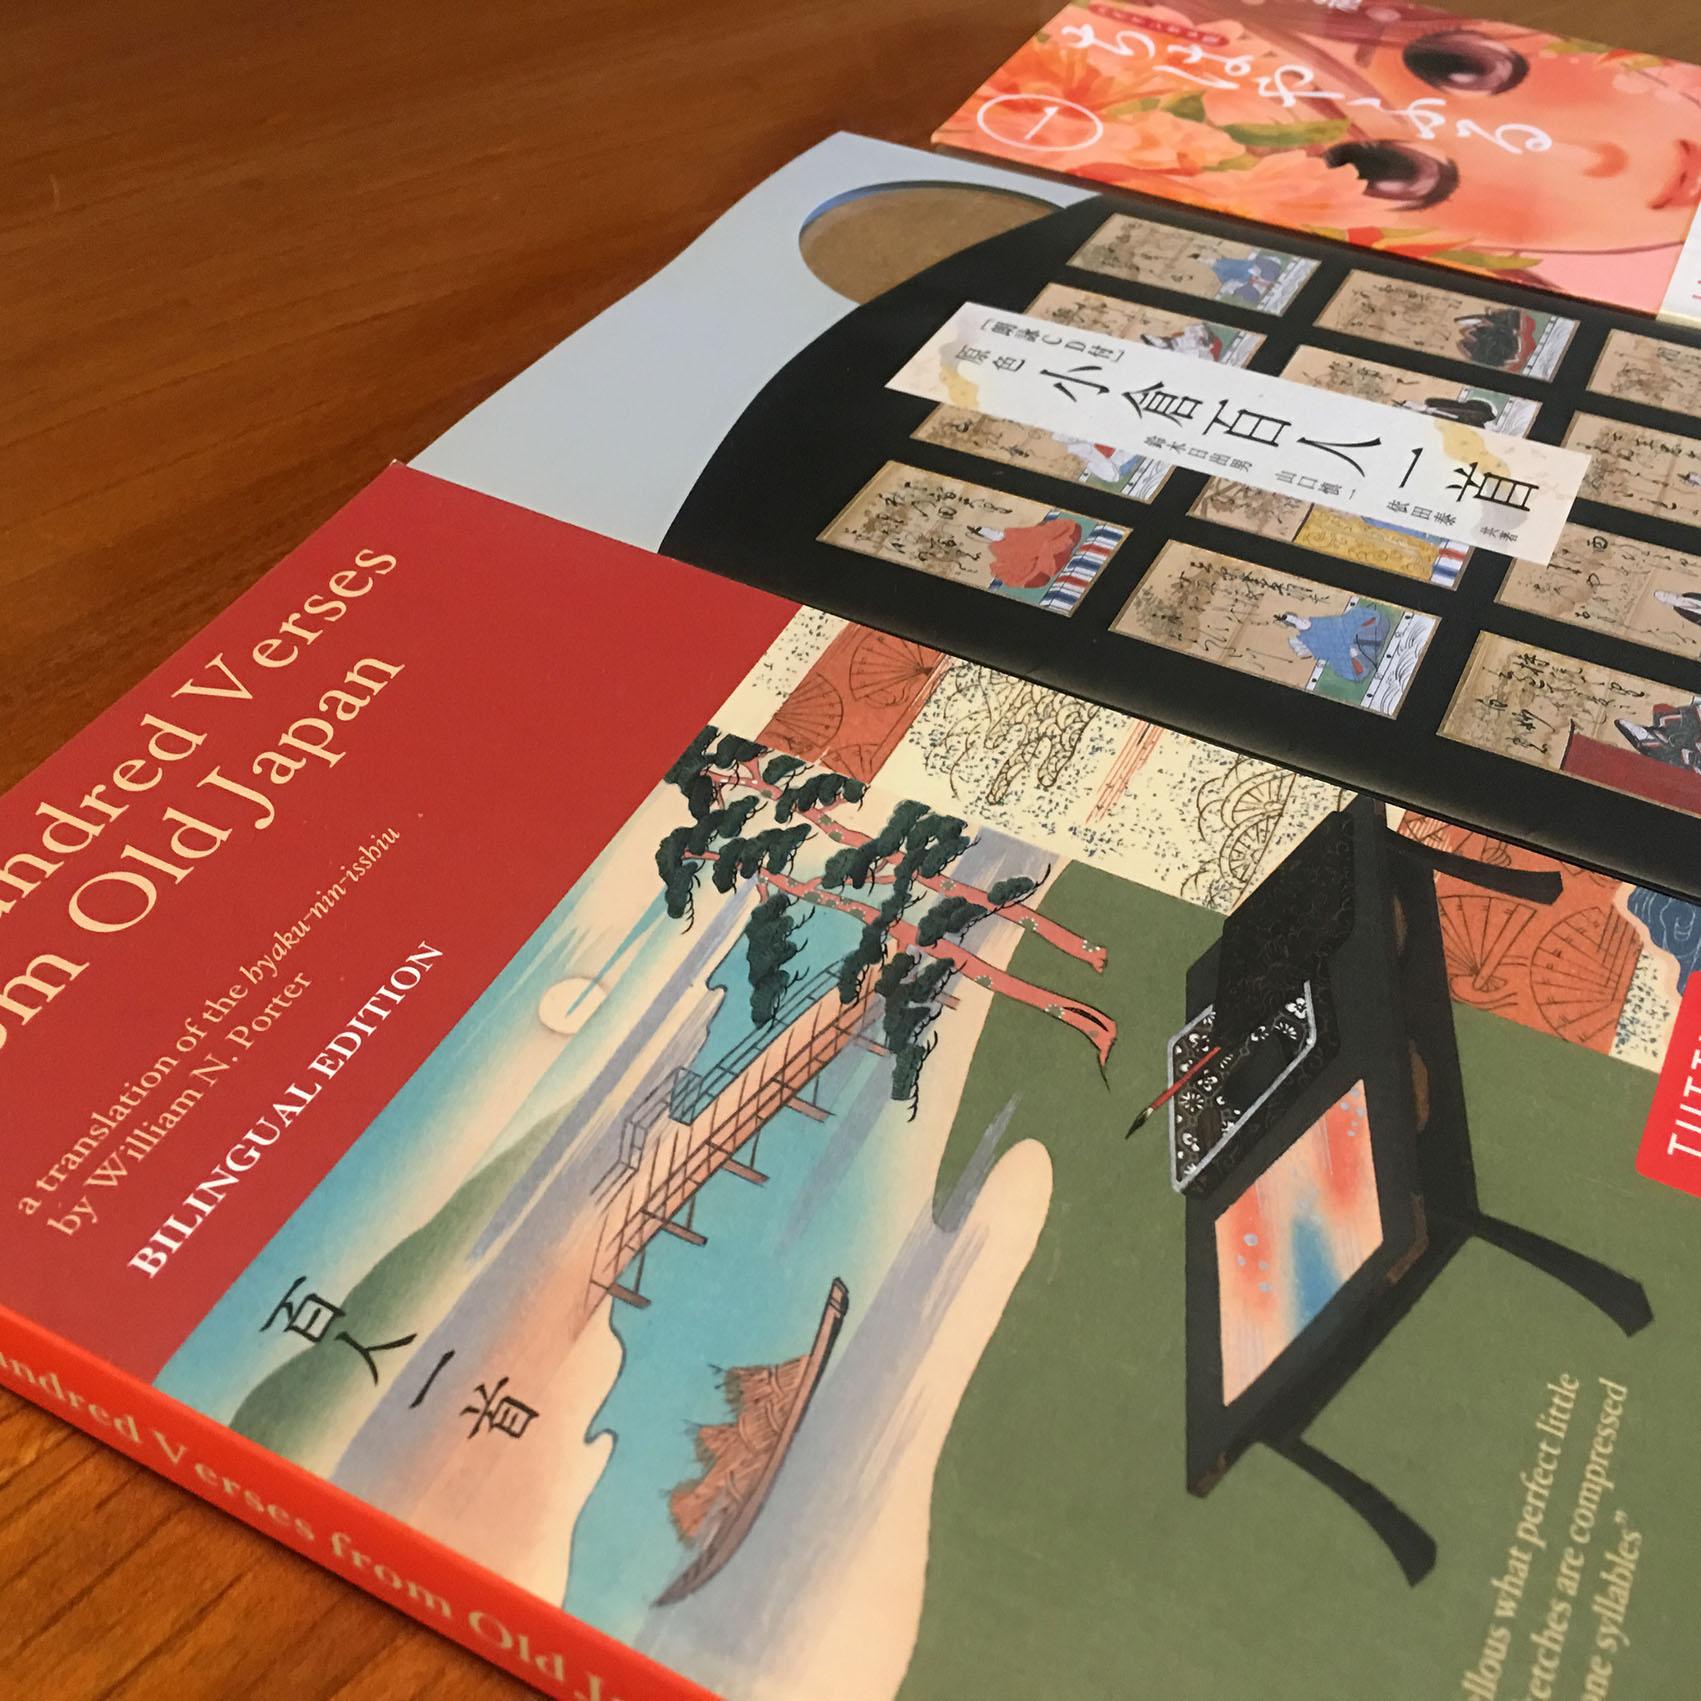 連続講座 セカイから見た日本を知る–文学作品の翻訳を通して–第1回『百人一首』